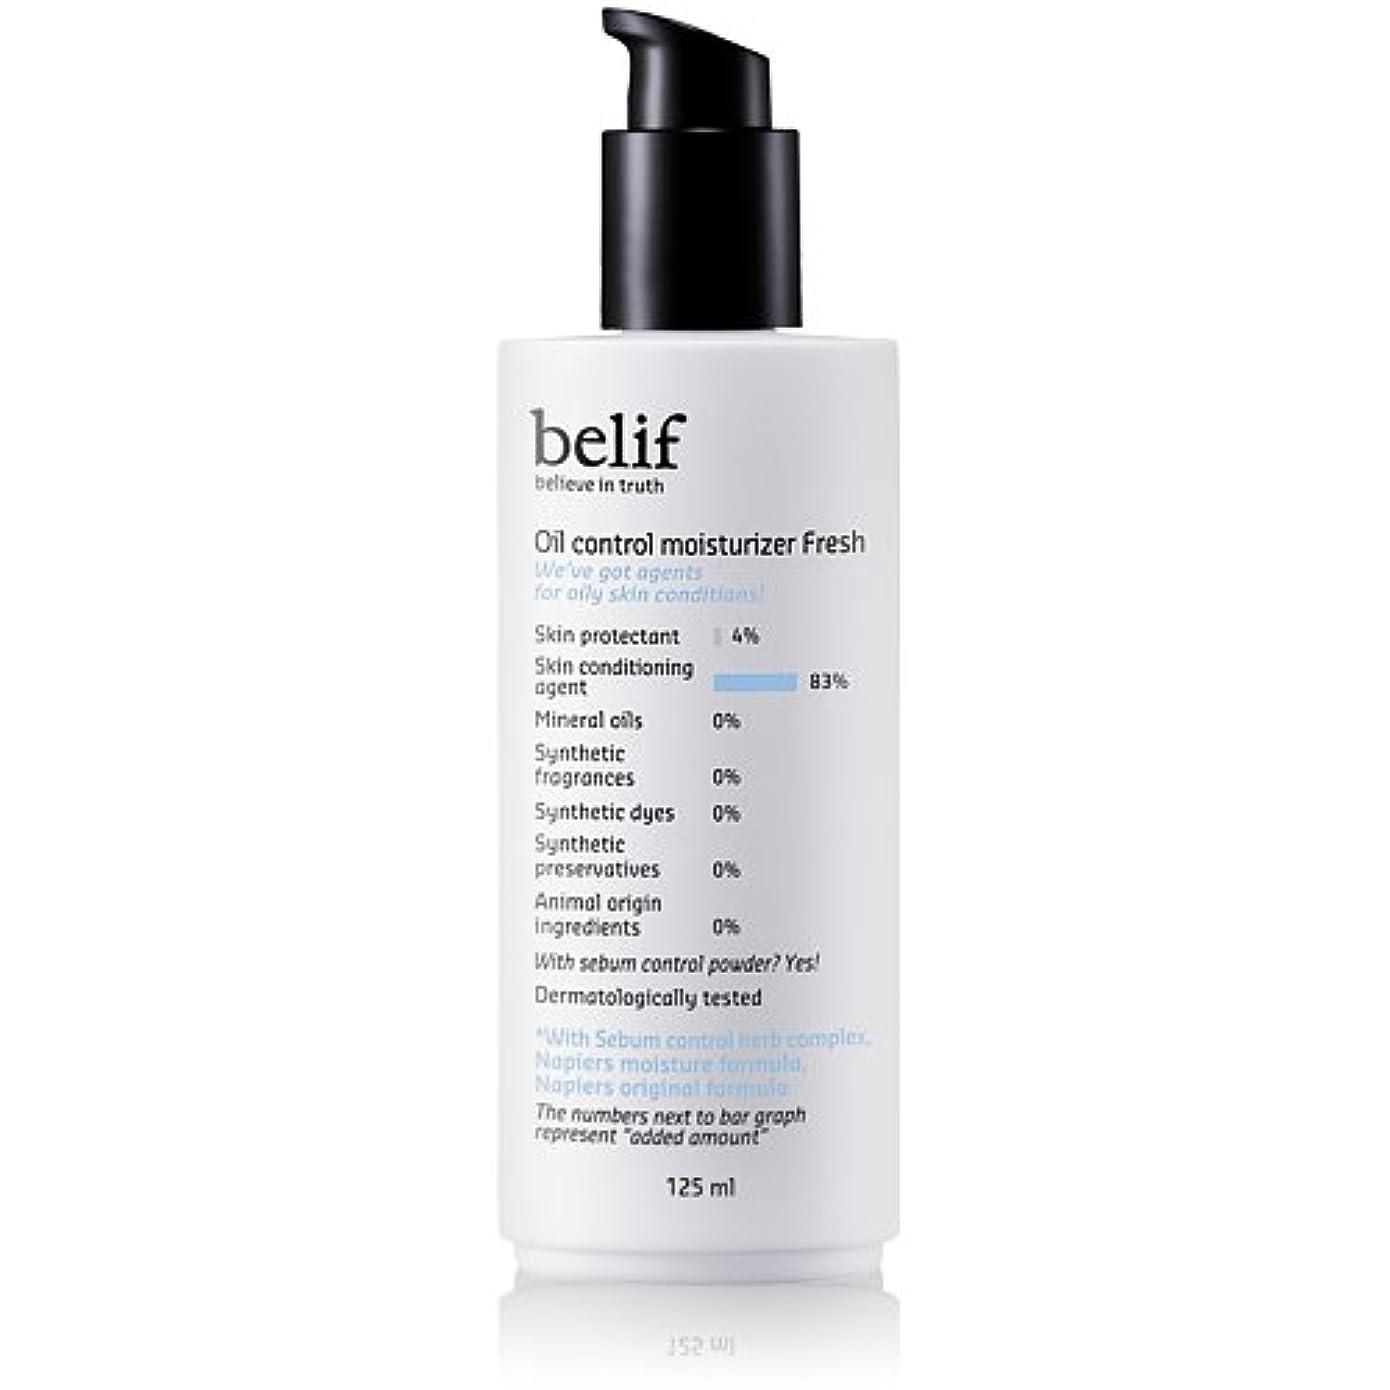 テント薄める困惑したBelif(ビリーフ)Oil control moisturizer fresh 125ml/ビリーフオイルコントロールモイスチャライザーフレッシュ?脂性肌用[韓国コスメ/オーガニックコスメ]